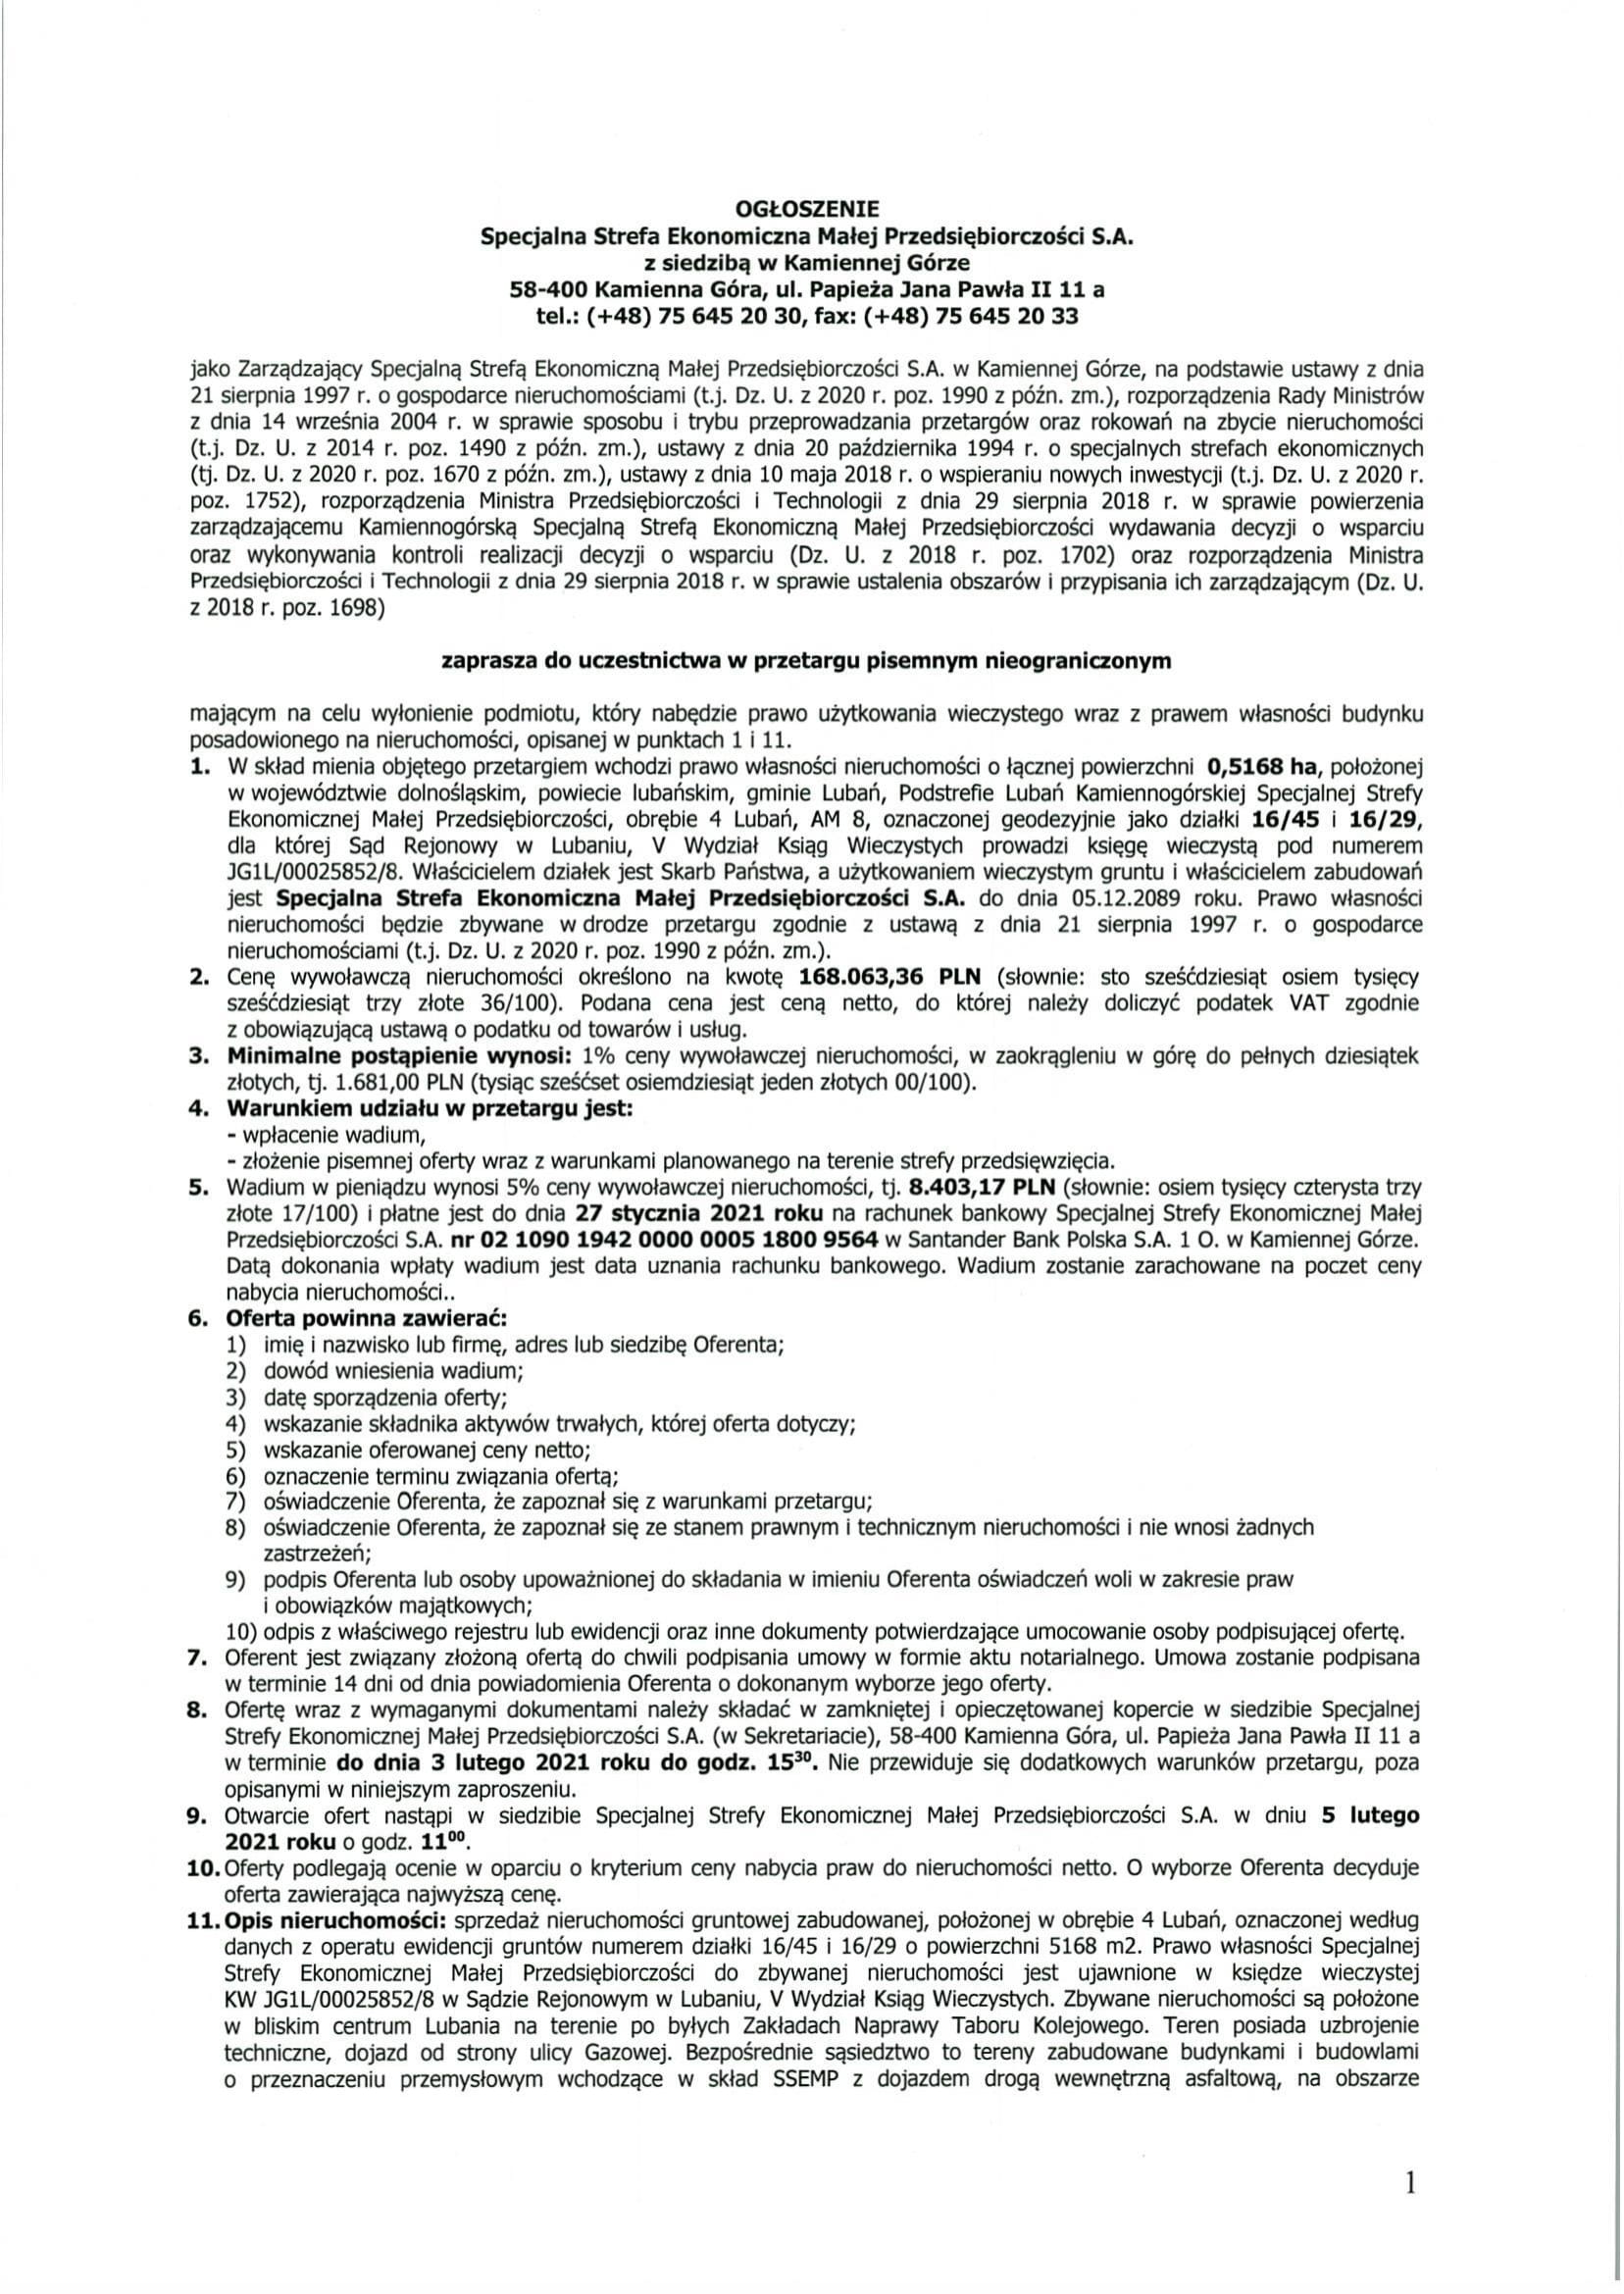 18.01.2021 - KSSEMP Ogłoszenie na zbycie nieruchomości w Lubaniu-1